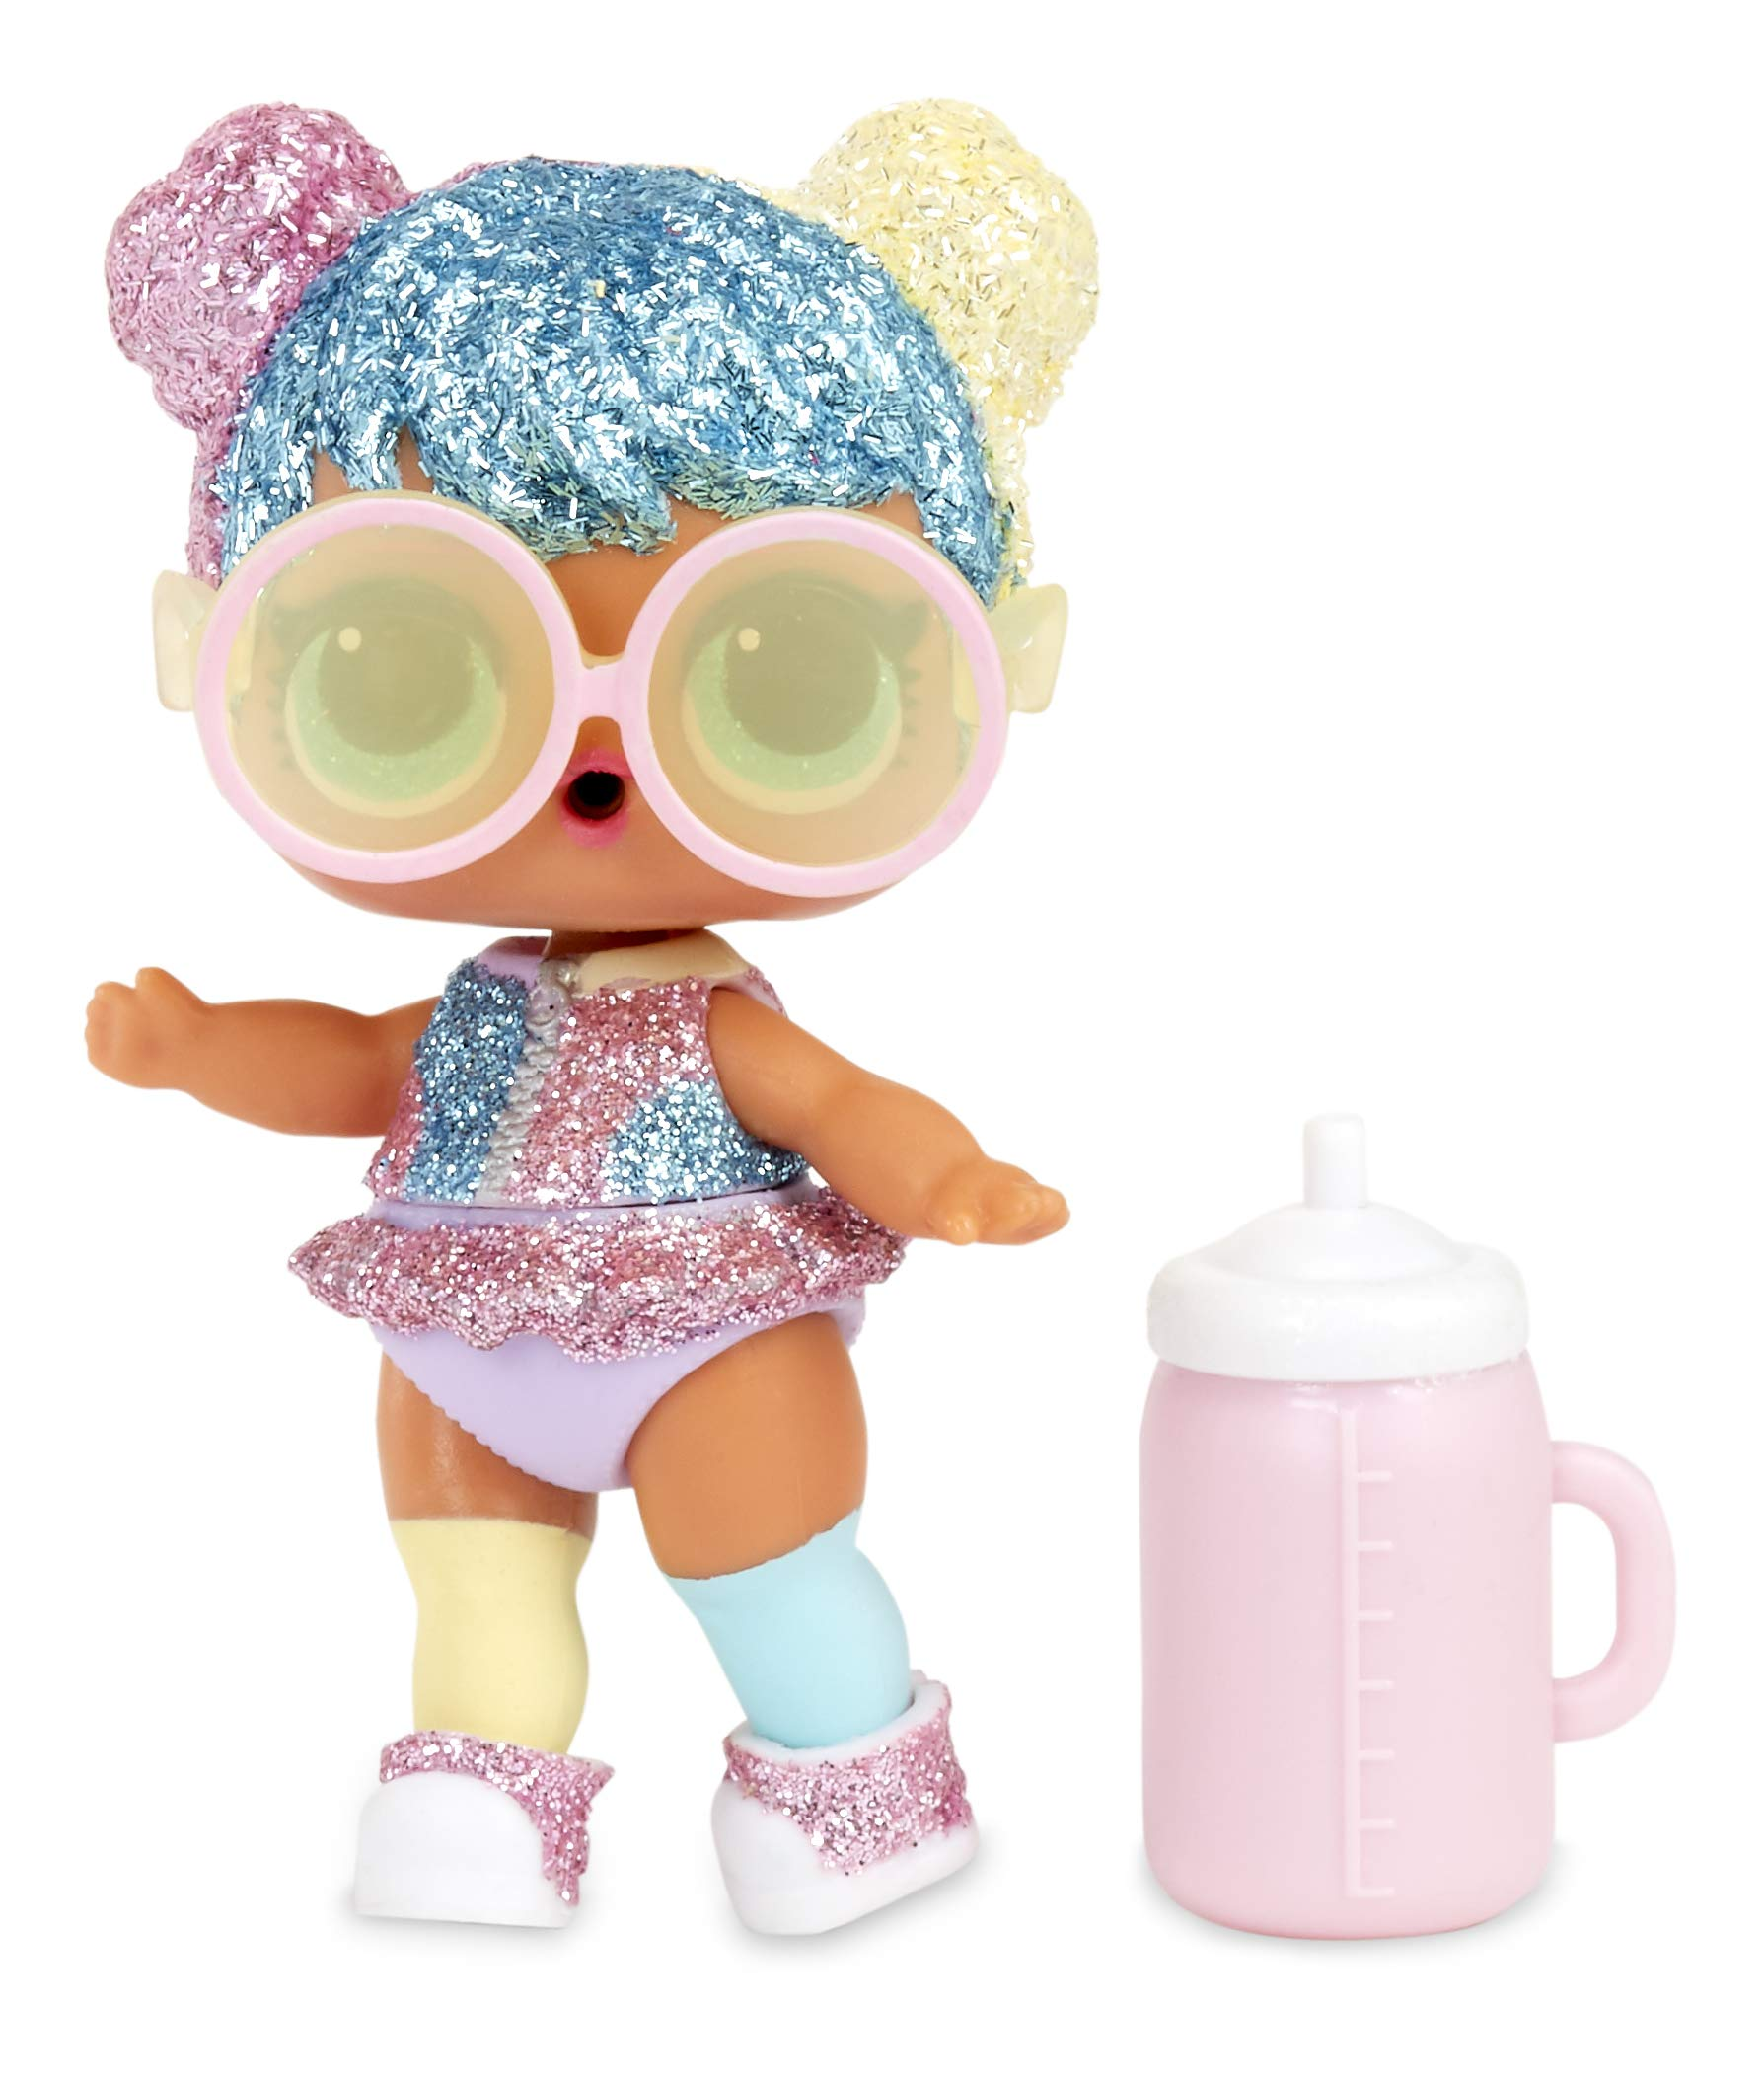 lol bambole